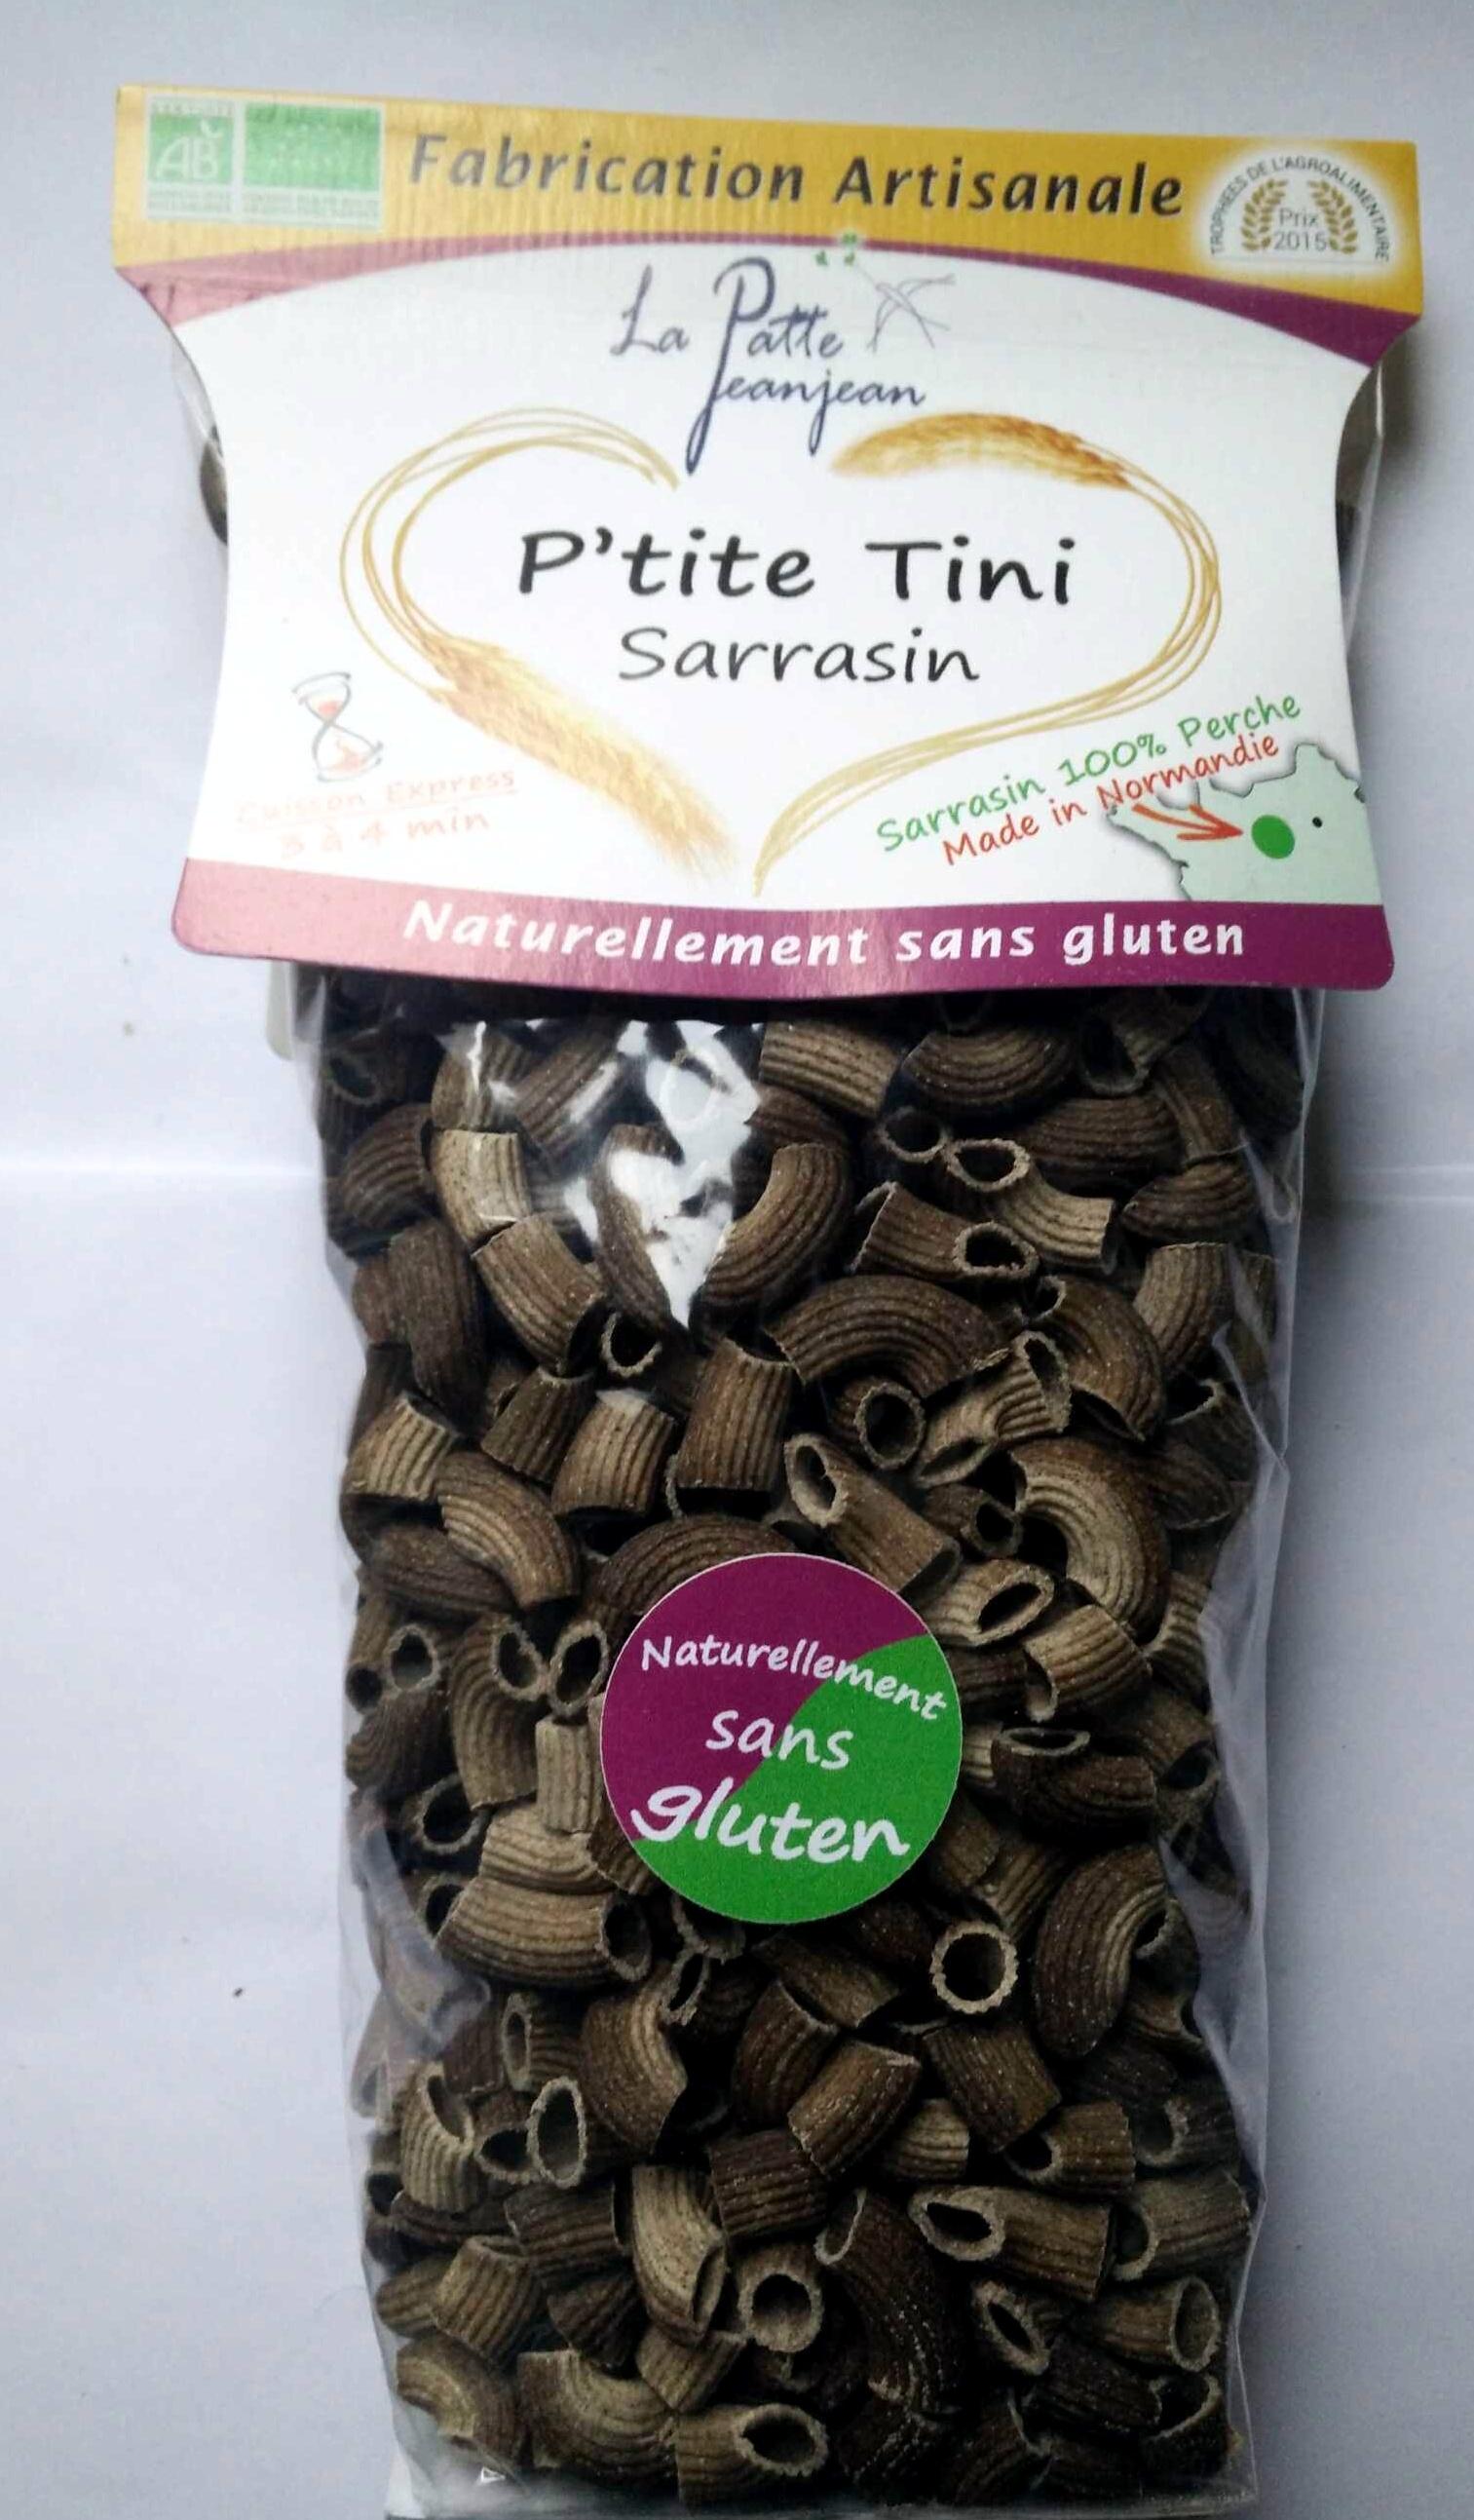 P'tite Tini - Produkt - fr